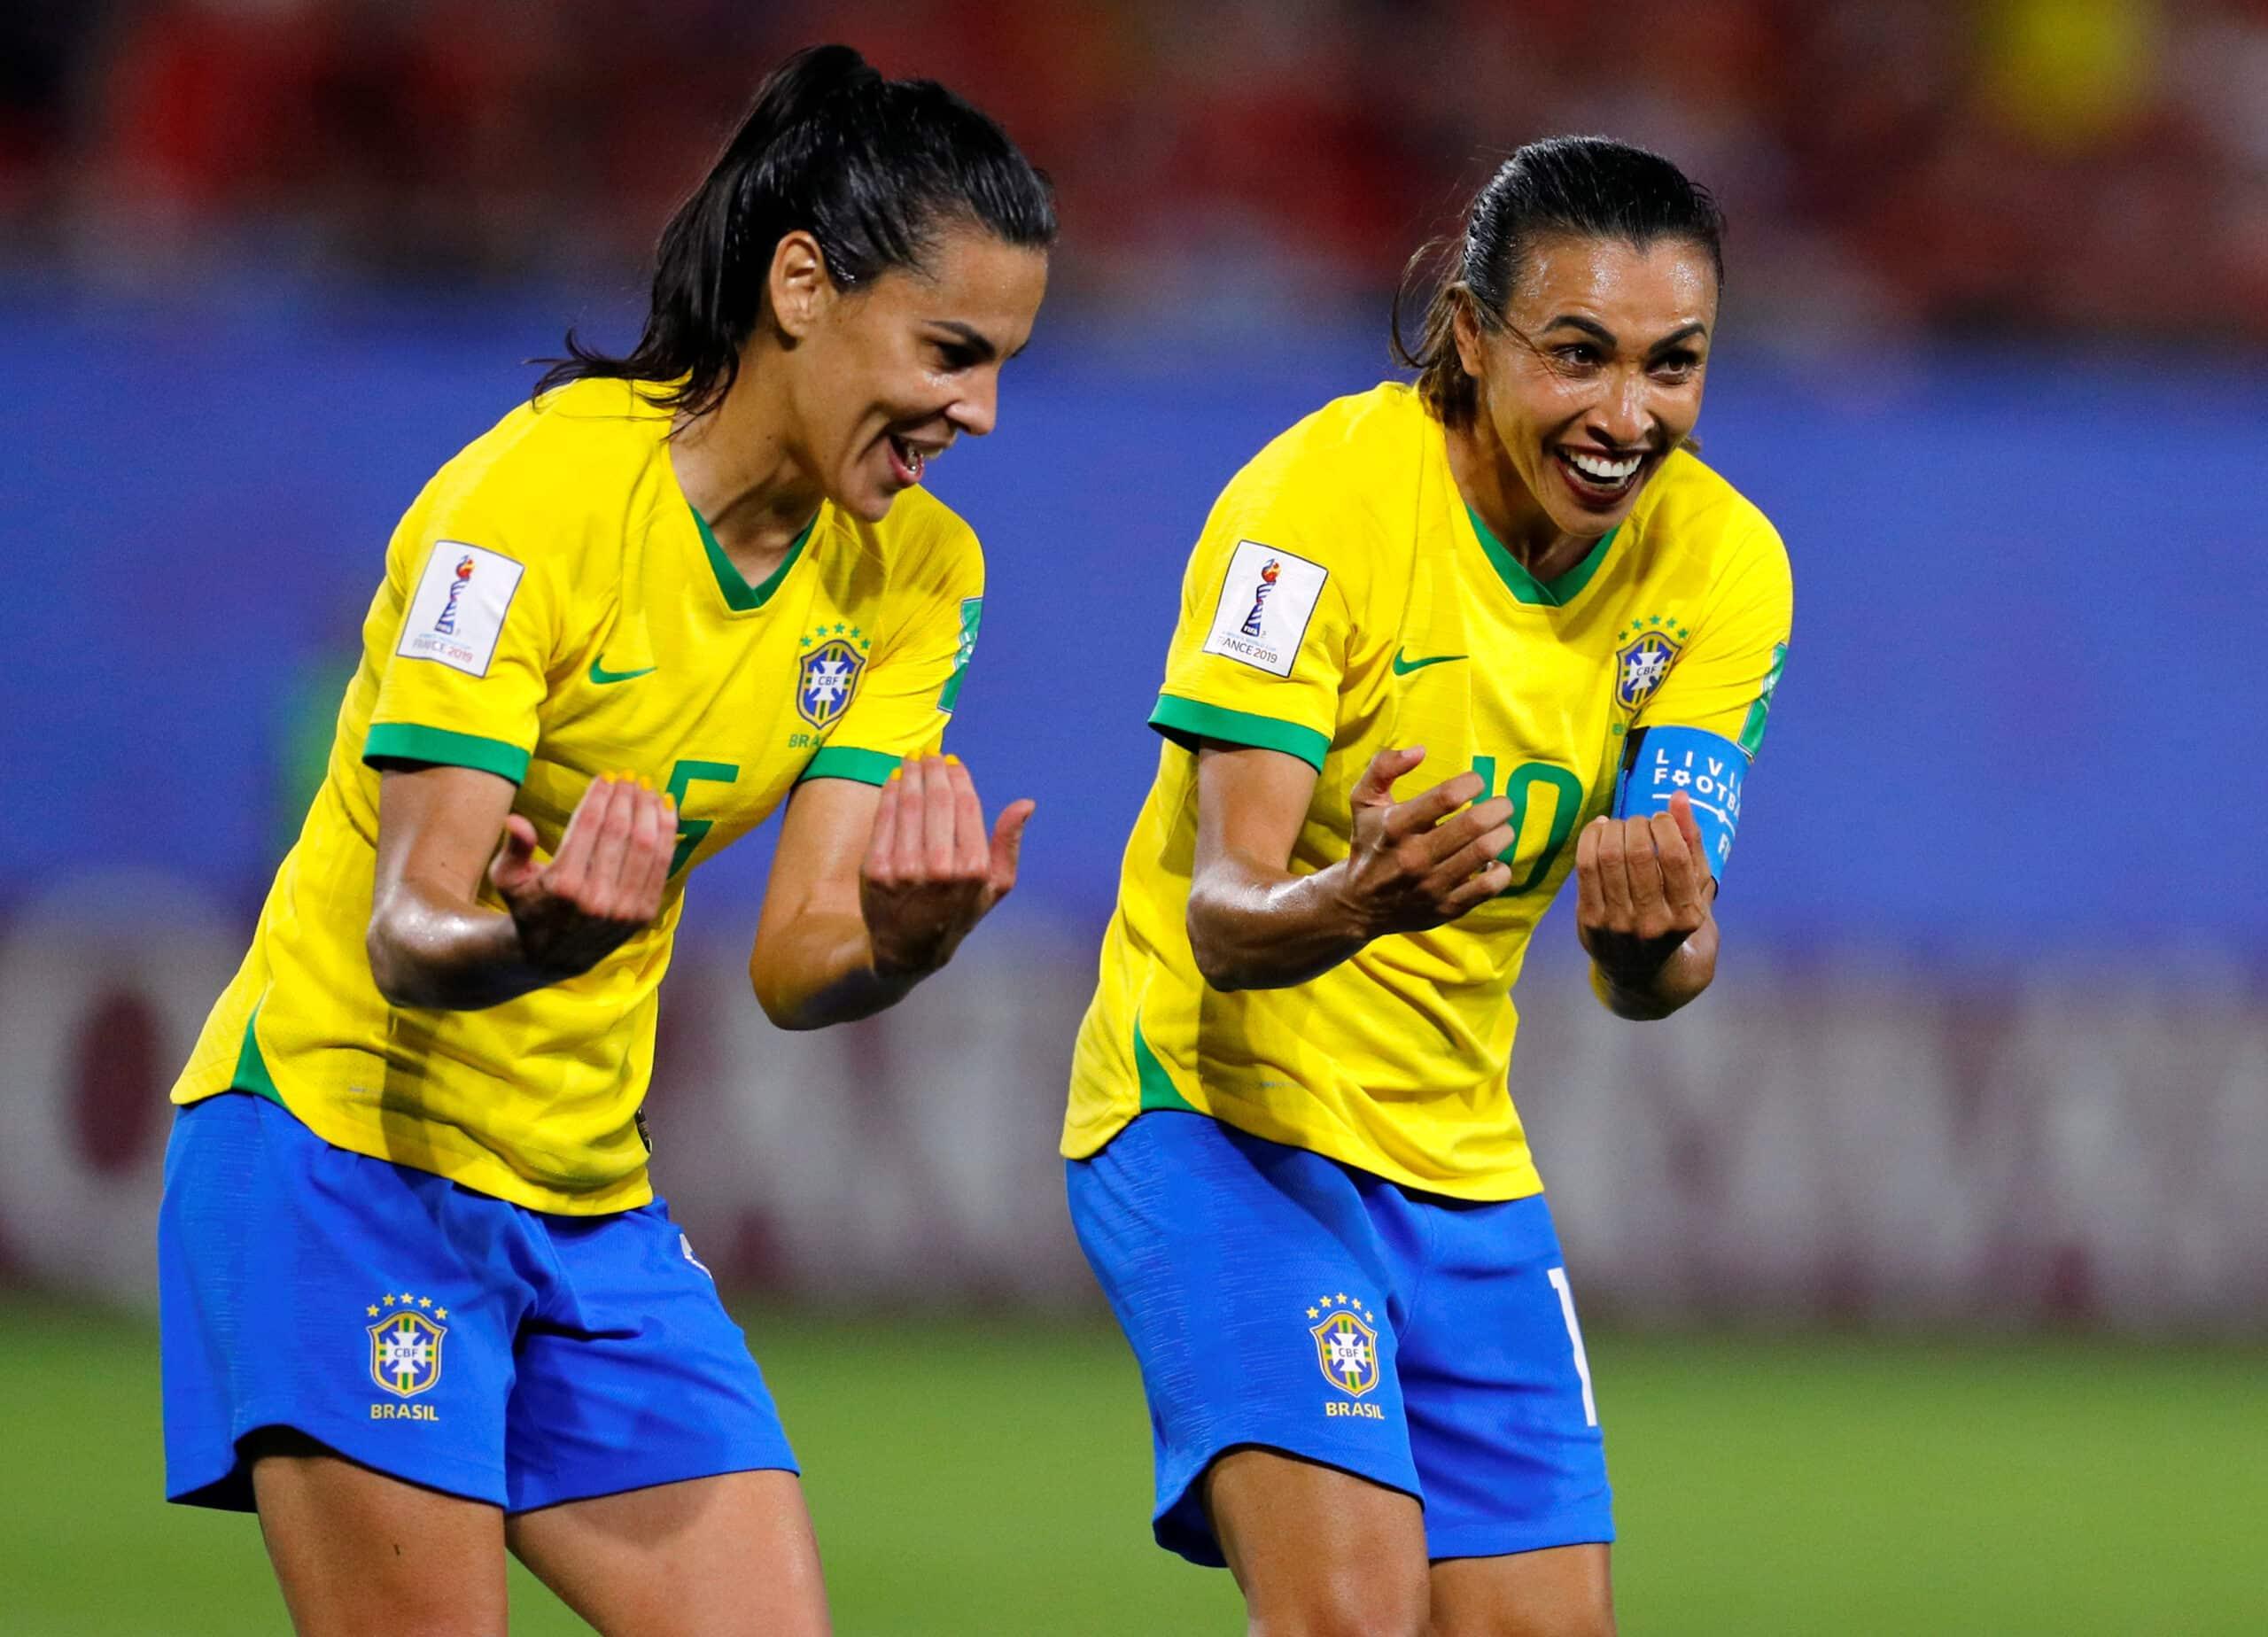 Marta e Thaisa celebram gol brasileiro contra a Itália (Foto: Phil Noble / Reuters)